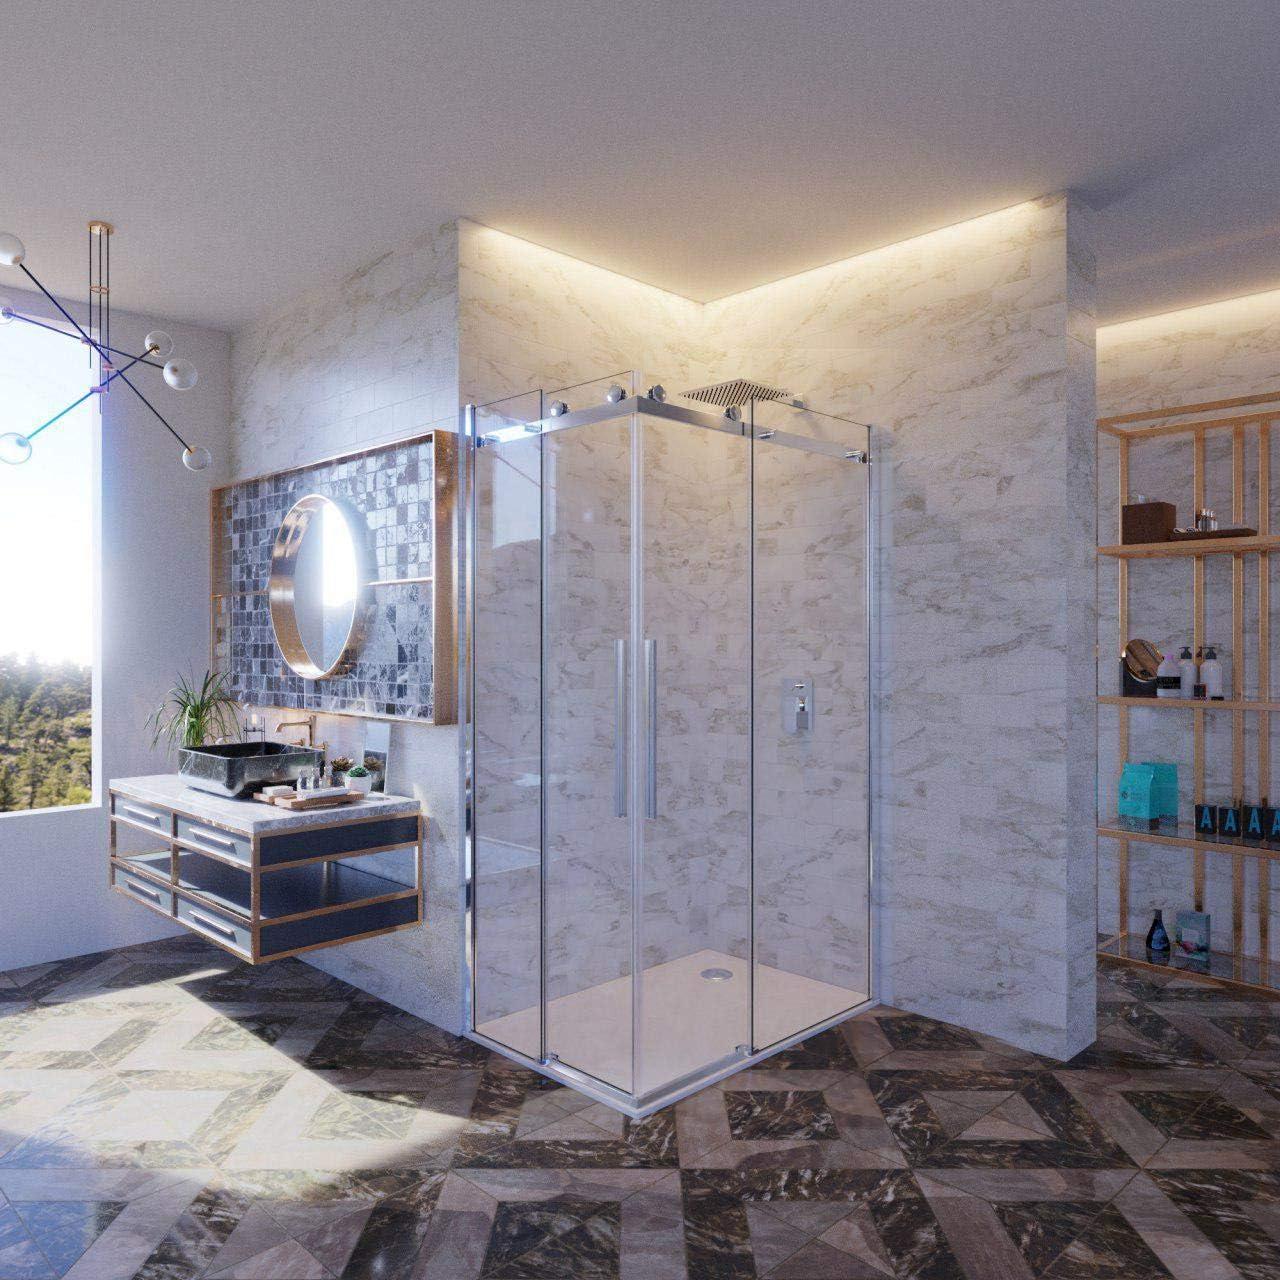 Melissa mampara de ducha Cristal 100 X 110 110 X 100 8 mm. h.195 cm: Amazon.es: Bricolaje y herramientas